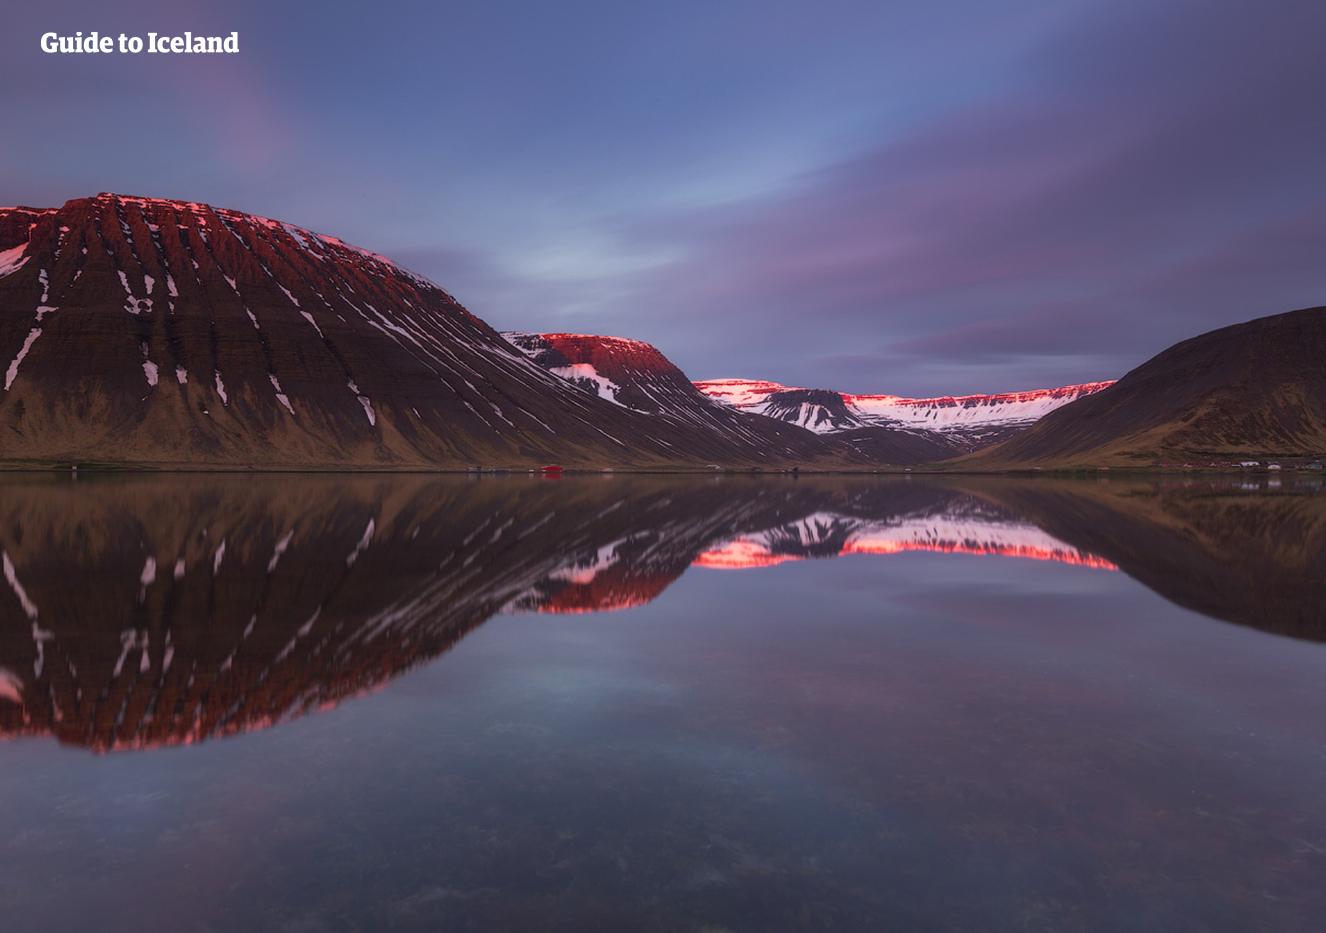 冰岛西峡湾以巫术历史及绝色的地貌闻名